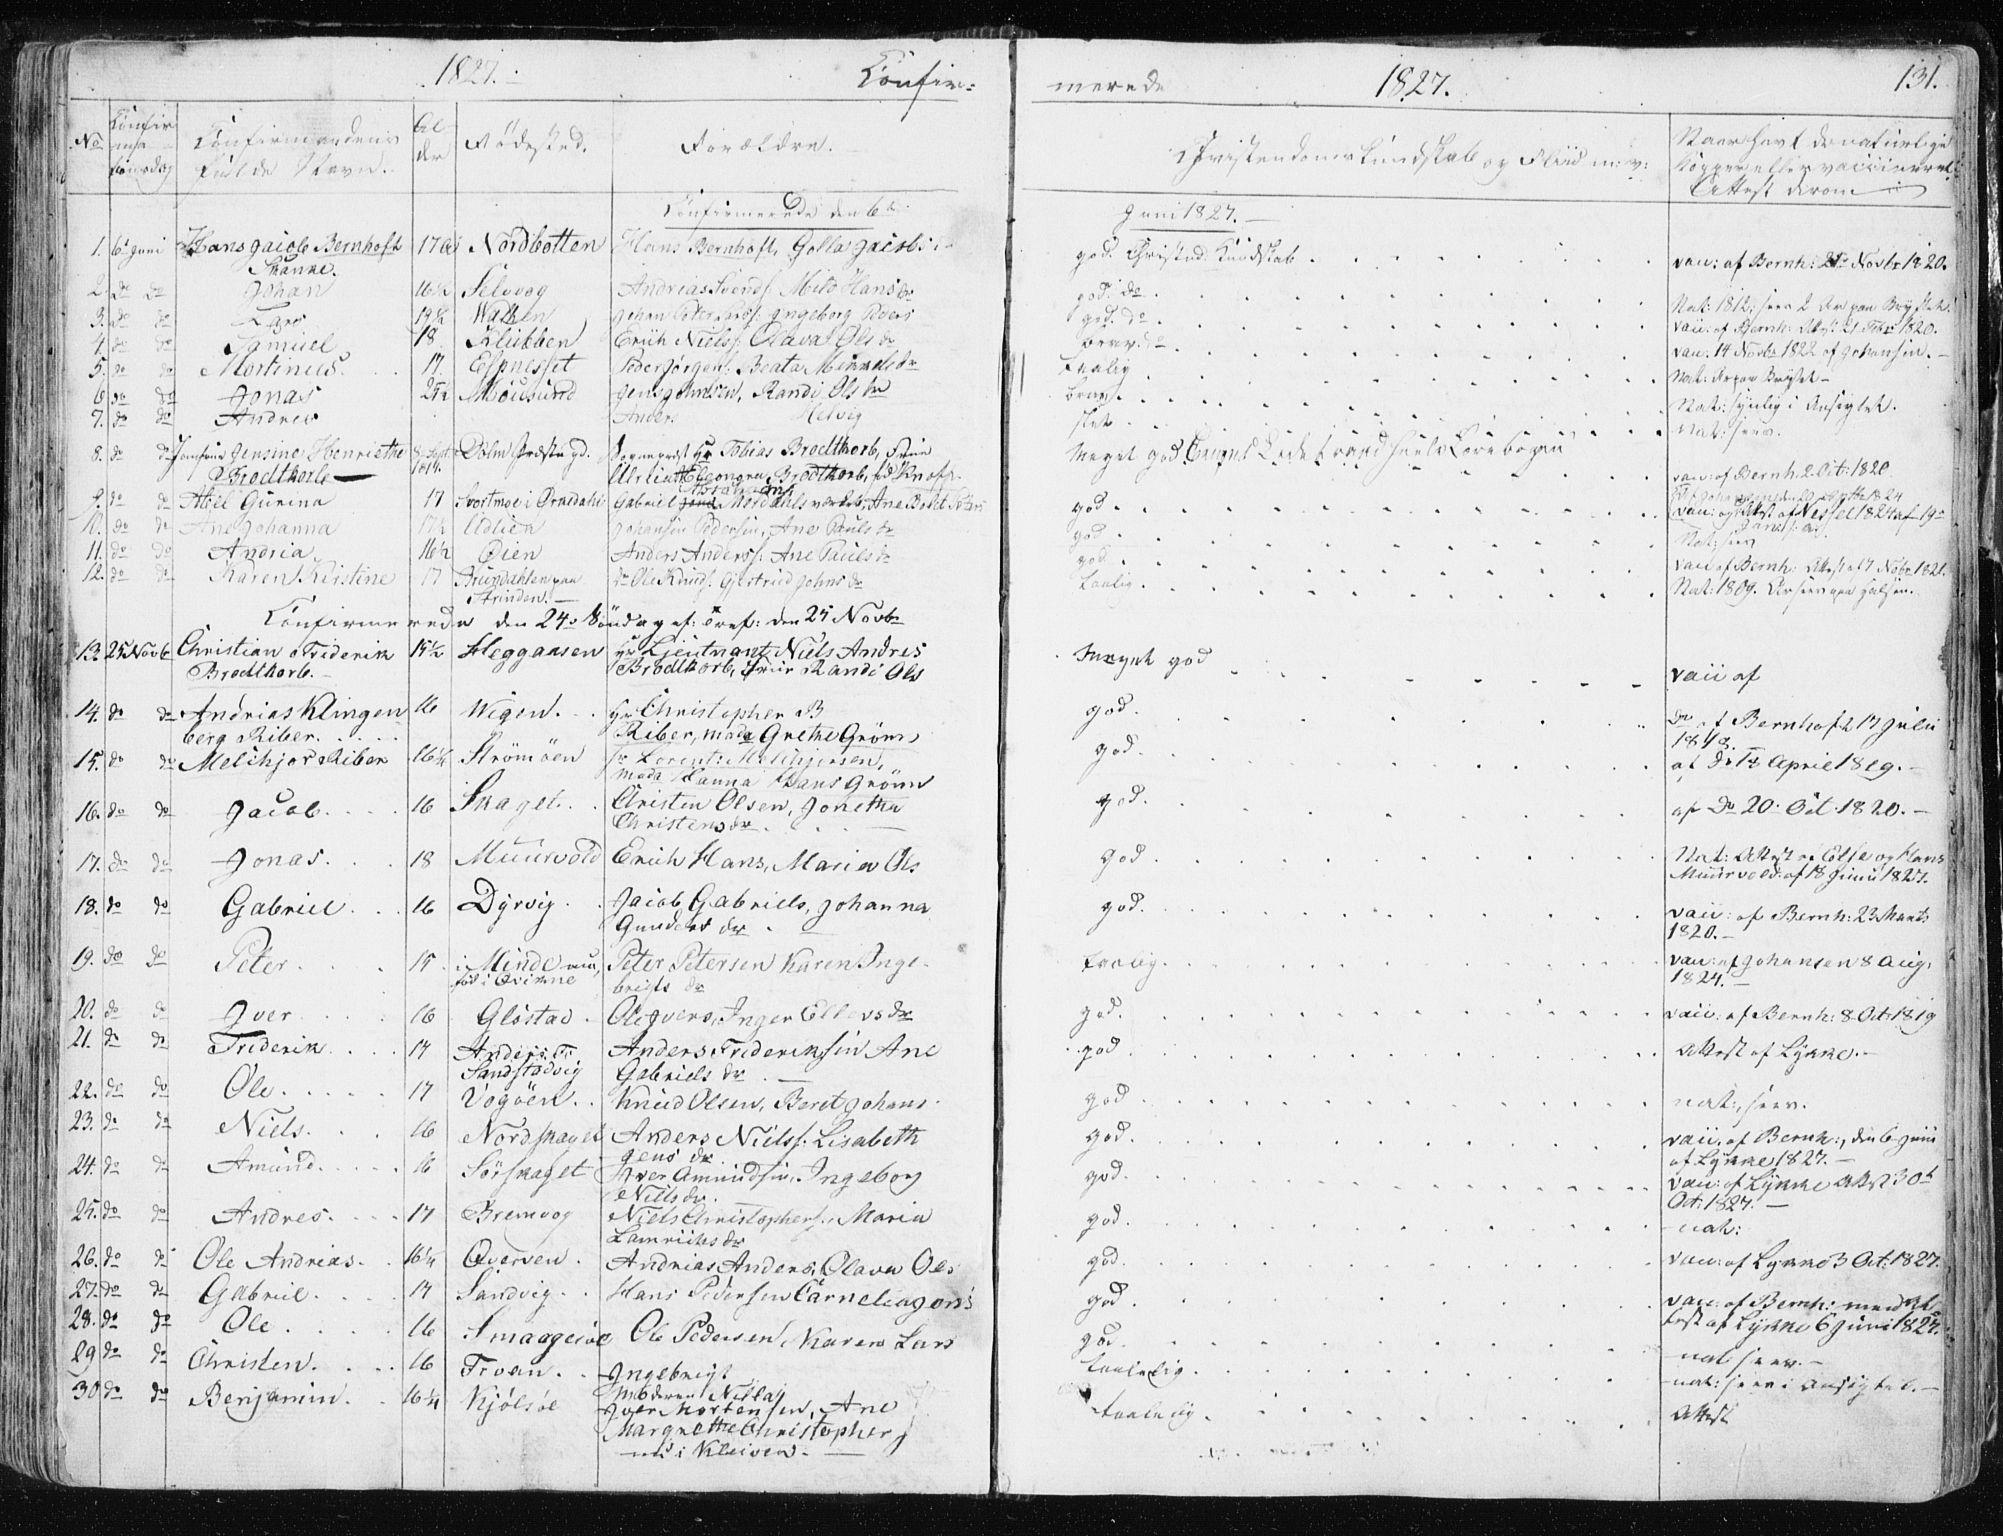 SAT, Ministerialprotokoller, klokkerbøker og fødselsregistre - Sør-Trøndelag, 634/L0528: Ministerialbok nr. 634A04, 1827-1842, s. 131